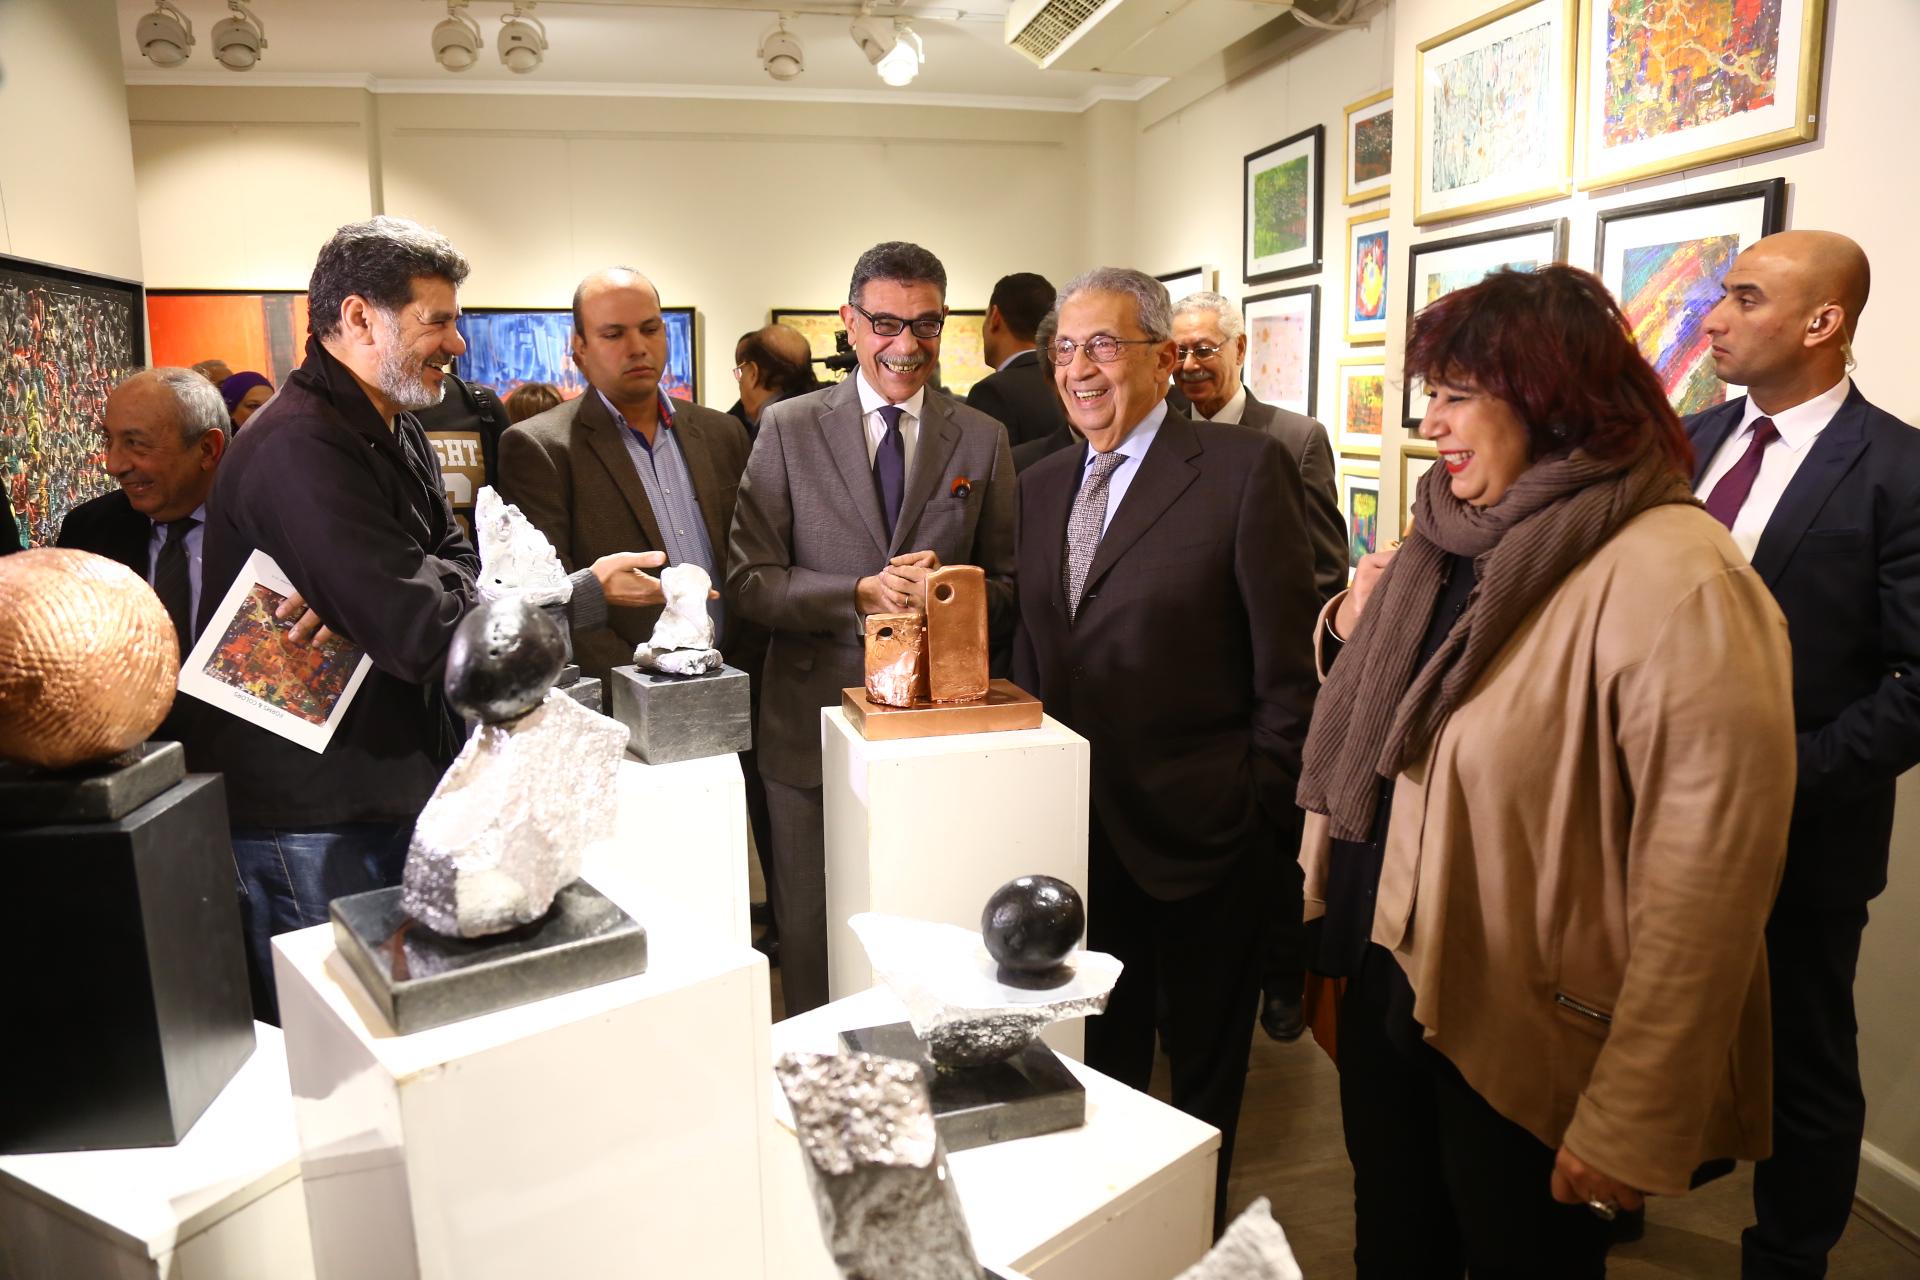 بحضور وزراء وسياسيين.. جمال فهمى يفتتح معرض «أشكال وألوان» -          بوابة الشروق